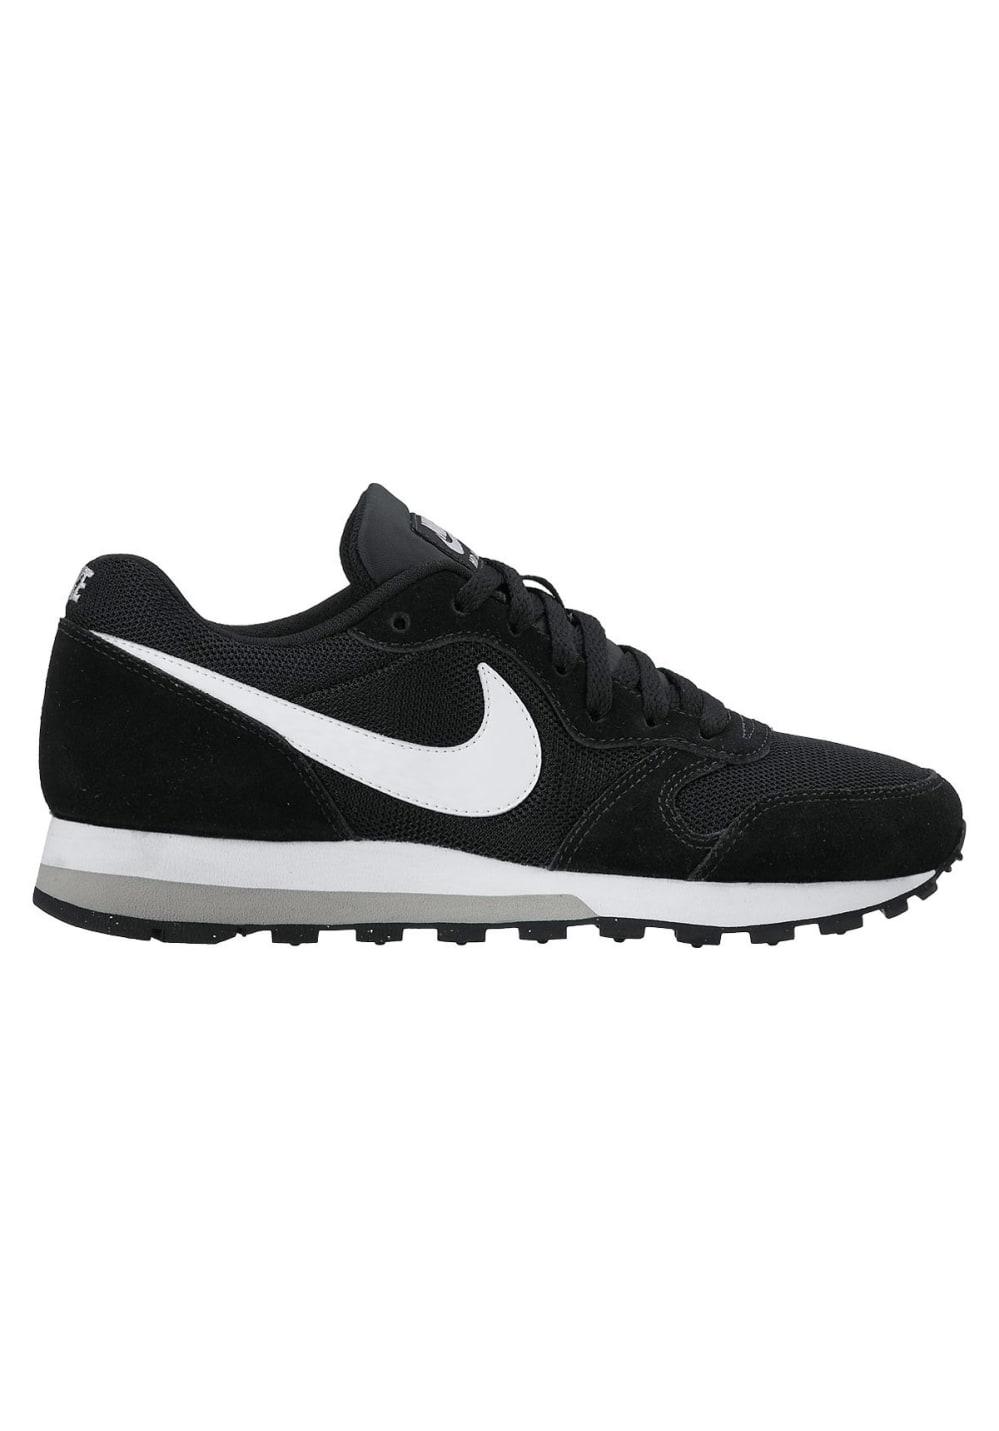 Nike MD Runner 2 GS Kids - Sneaker für Kinder Unisex - Schwarz